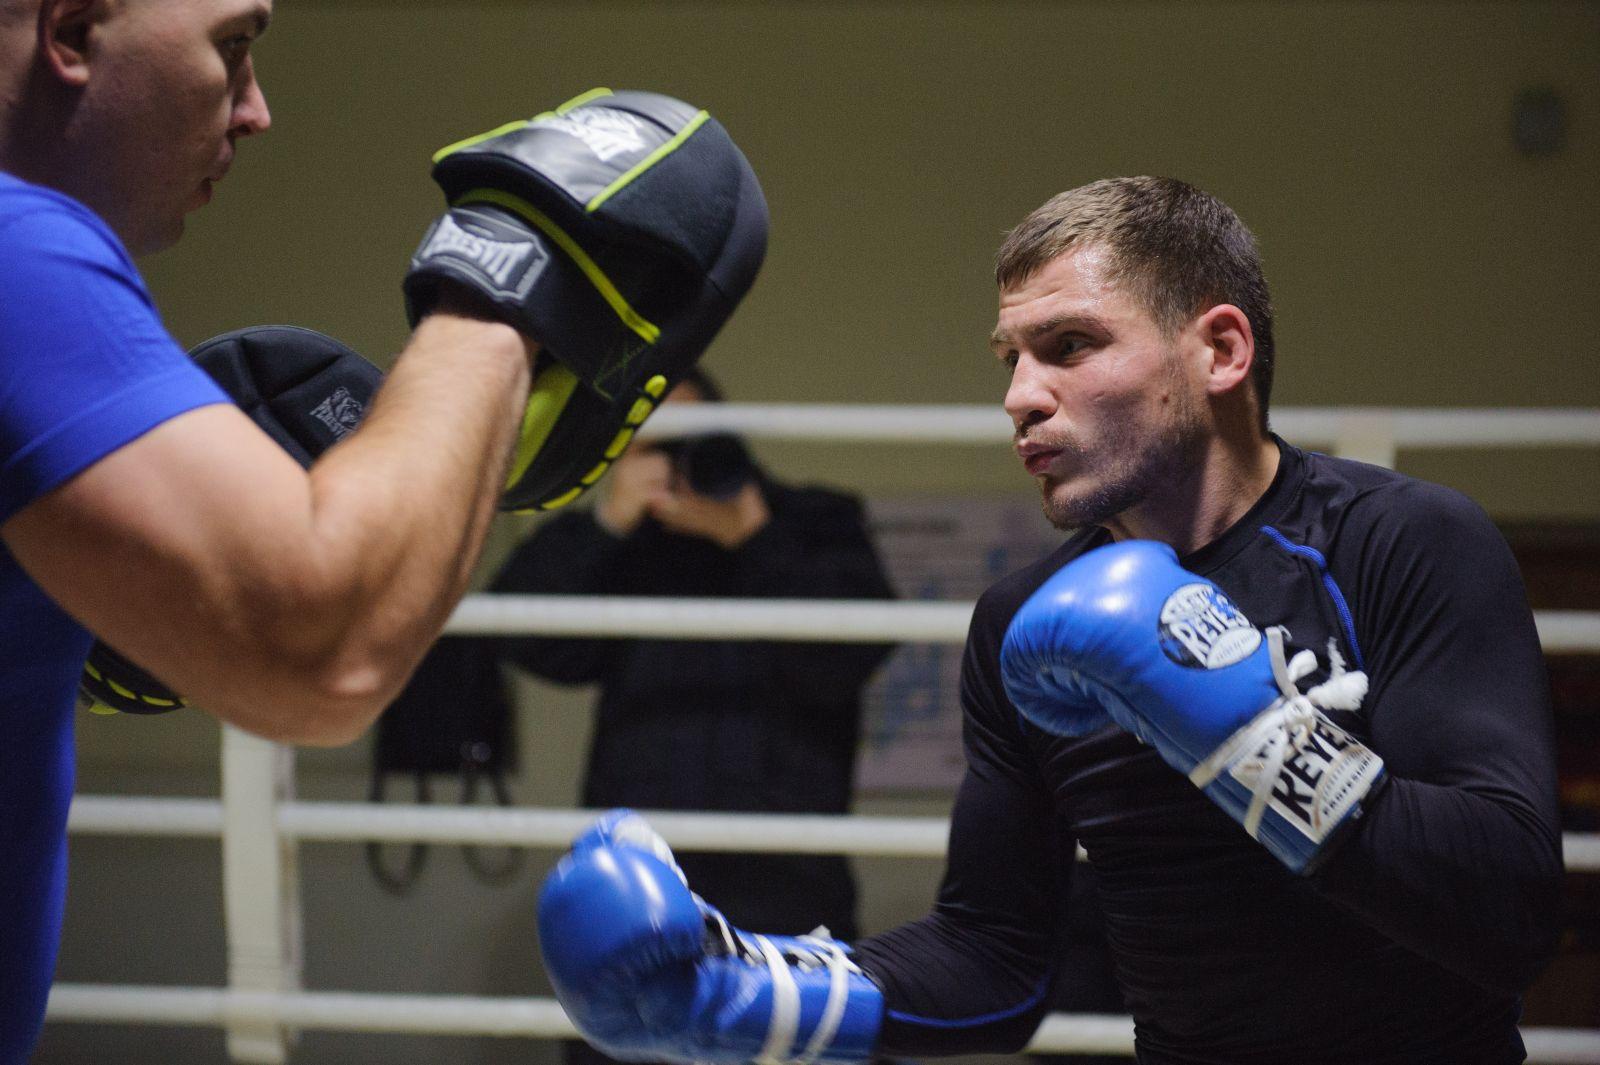 Украинский вечер бокса. Беринчик отстоял чемпионский пояс нокаутом вшестом раунде